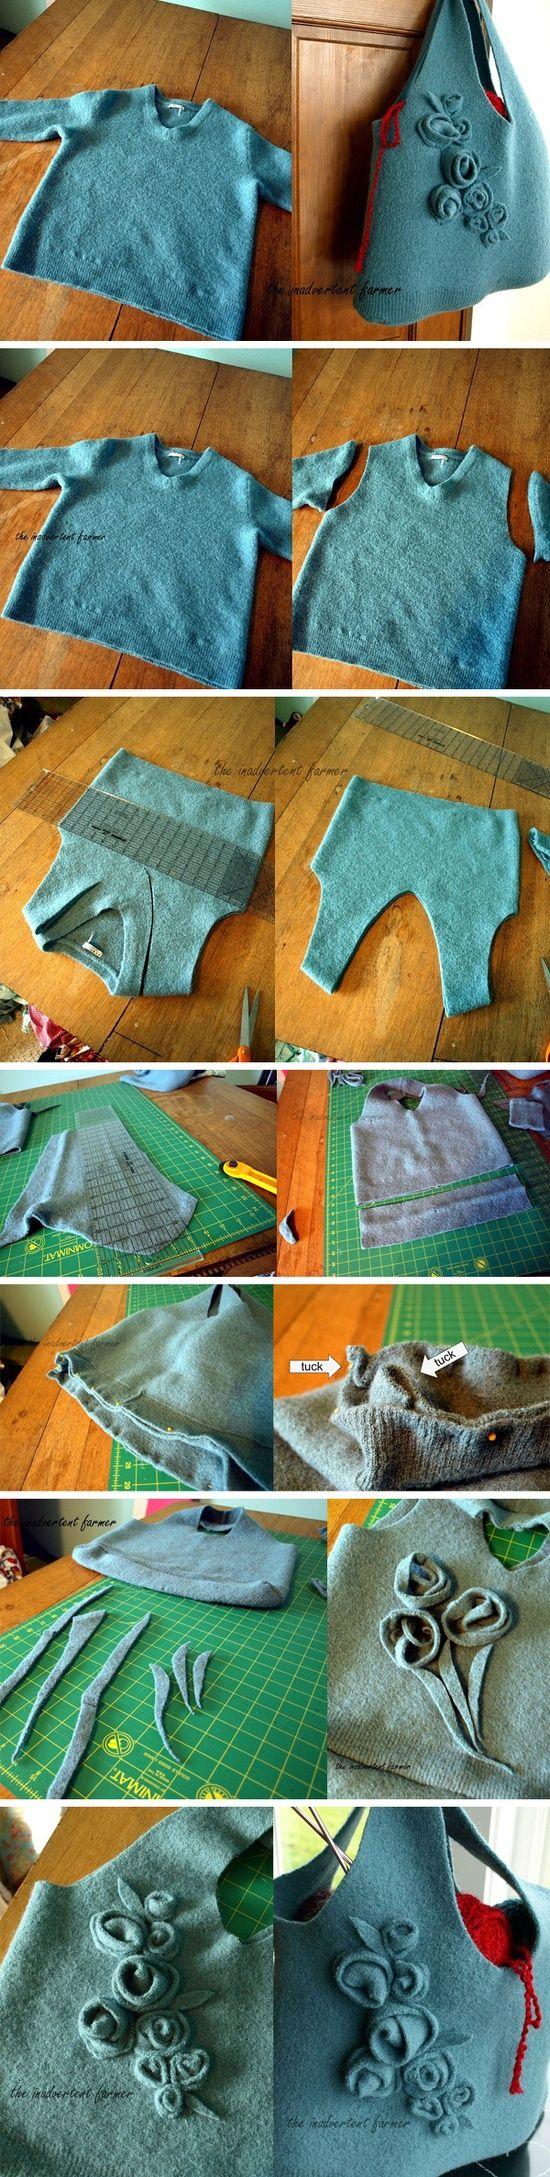 Como hacer un bolso con un jersey viejo. Turn sweater into purse